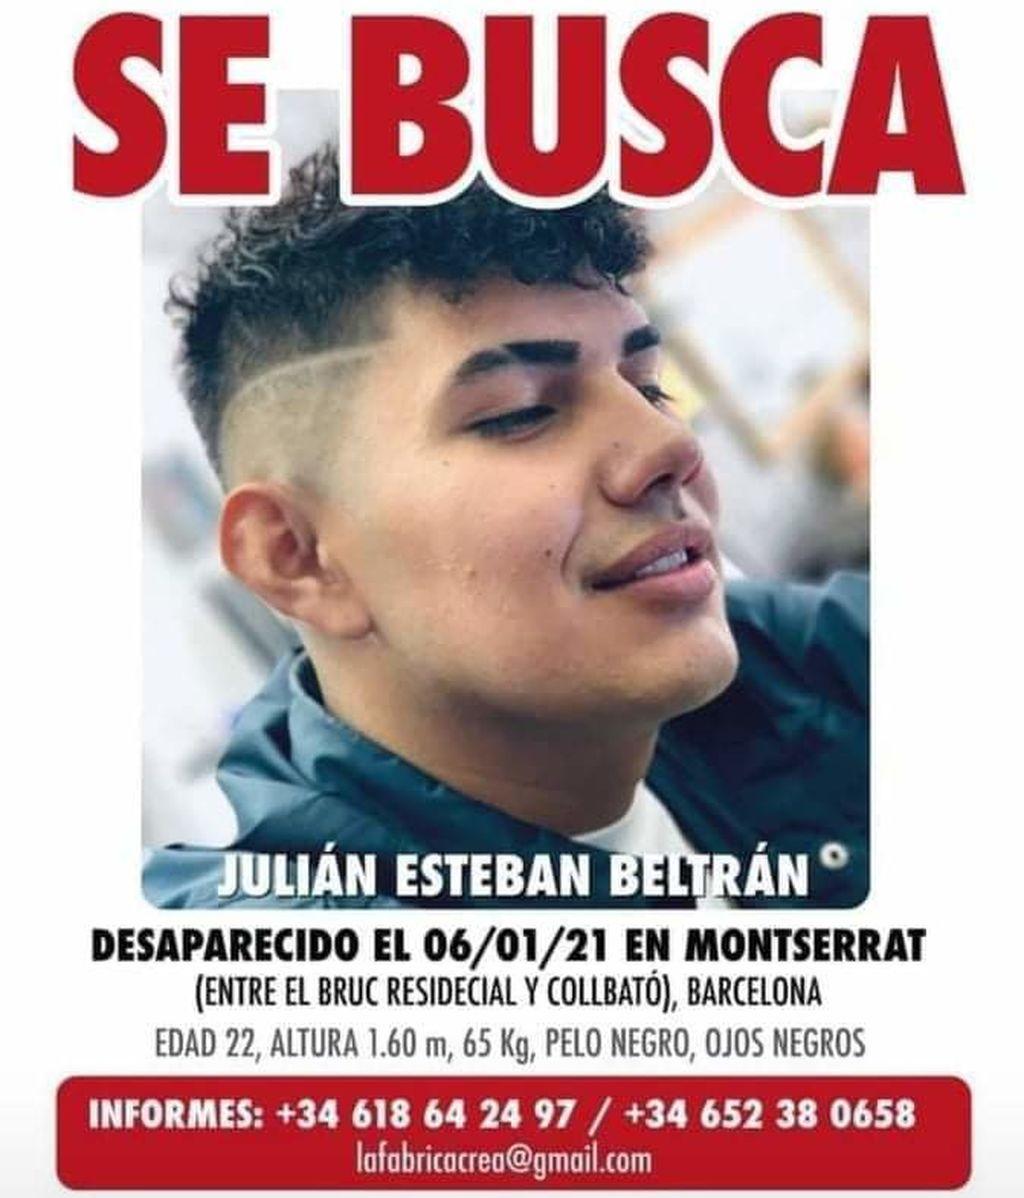 Buscan a Julián Esteban Beltrán, un joven desaparecido en Monserrat, Barcelona